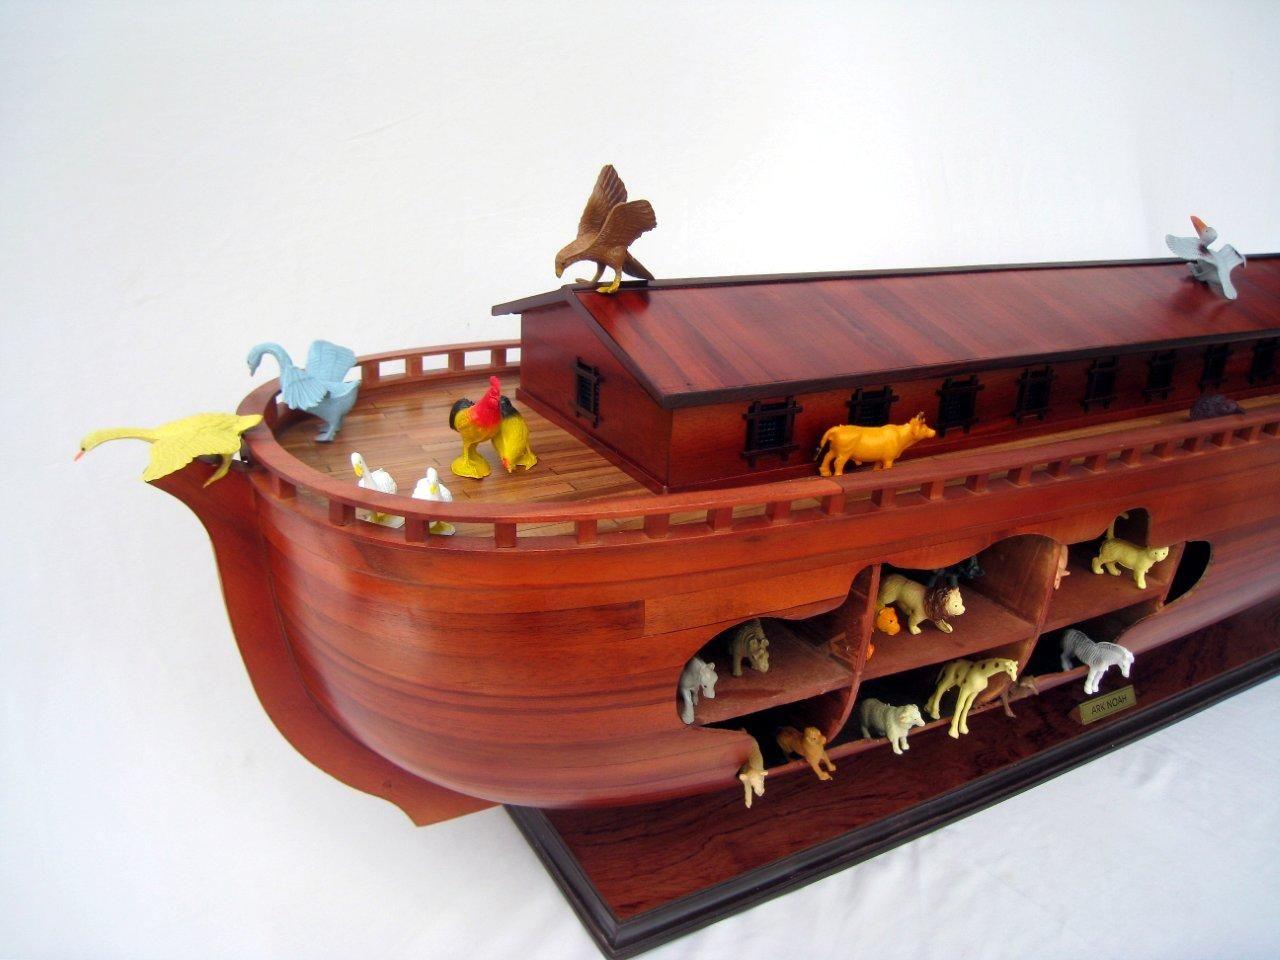 2043-12563-Noahs-Ark-Model-Boat